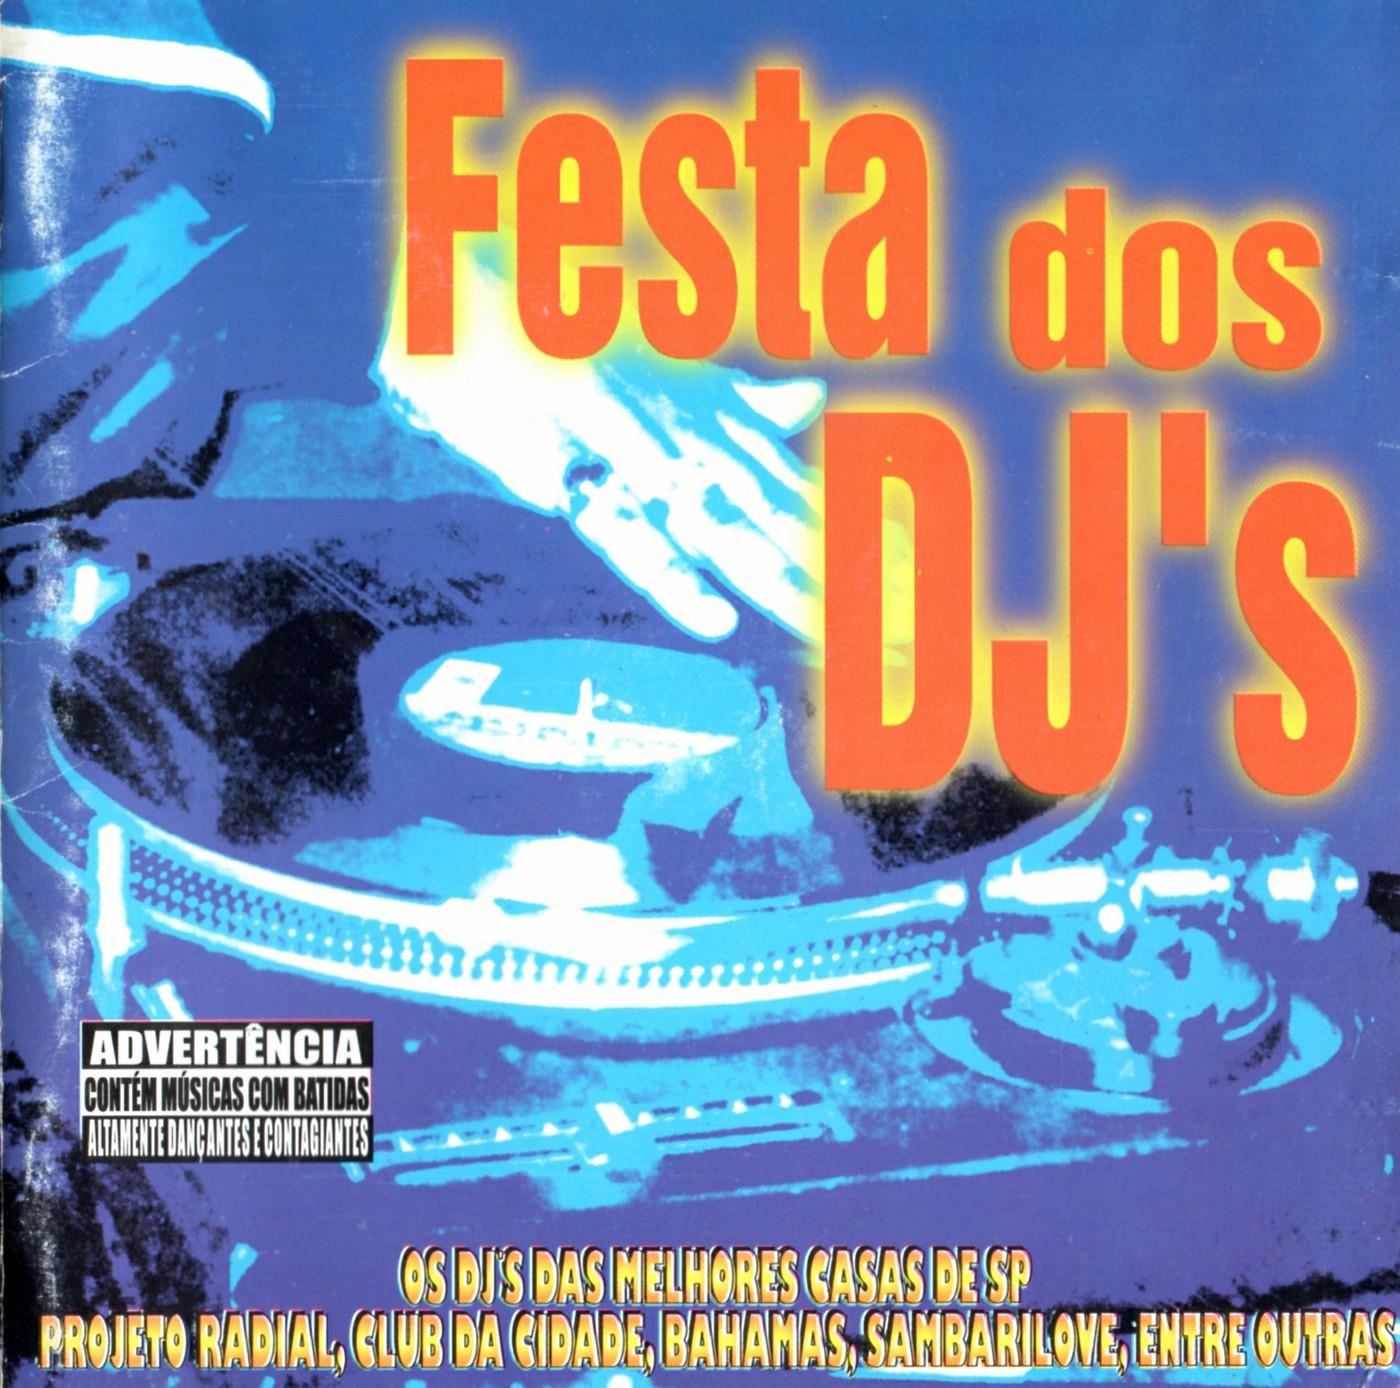 FESTA DOS DJS